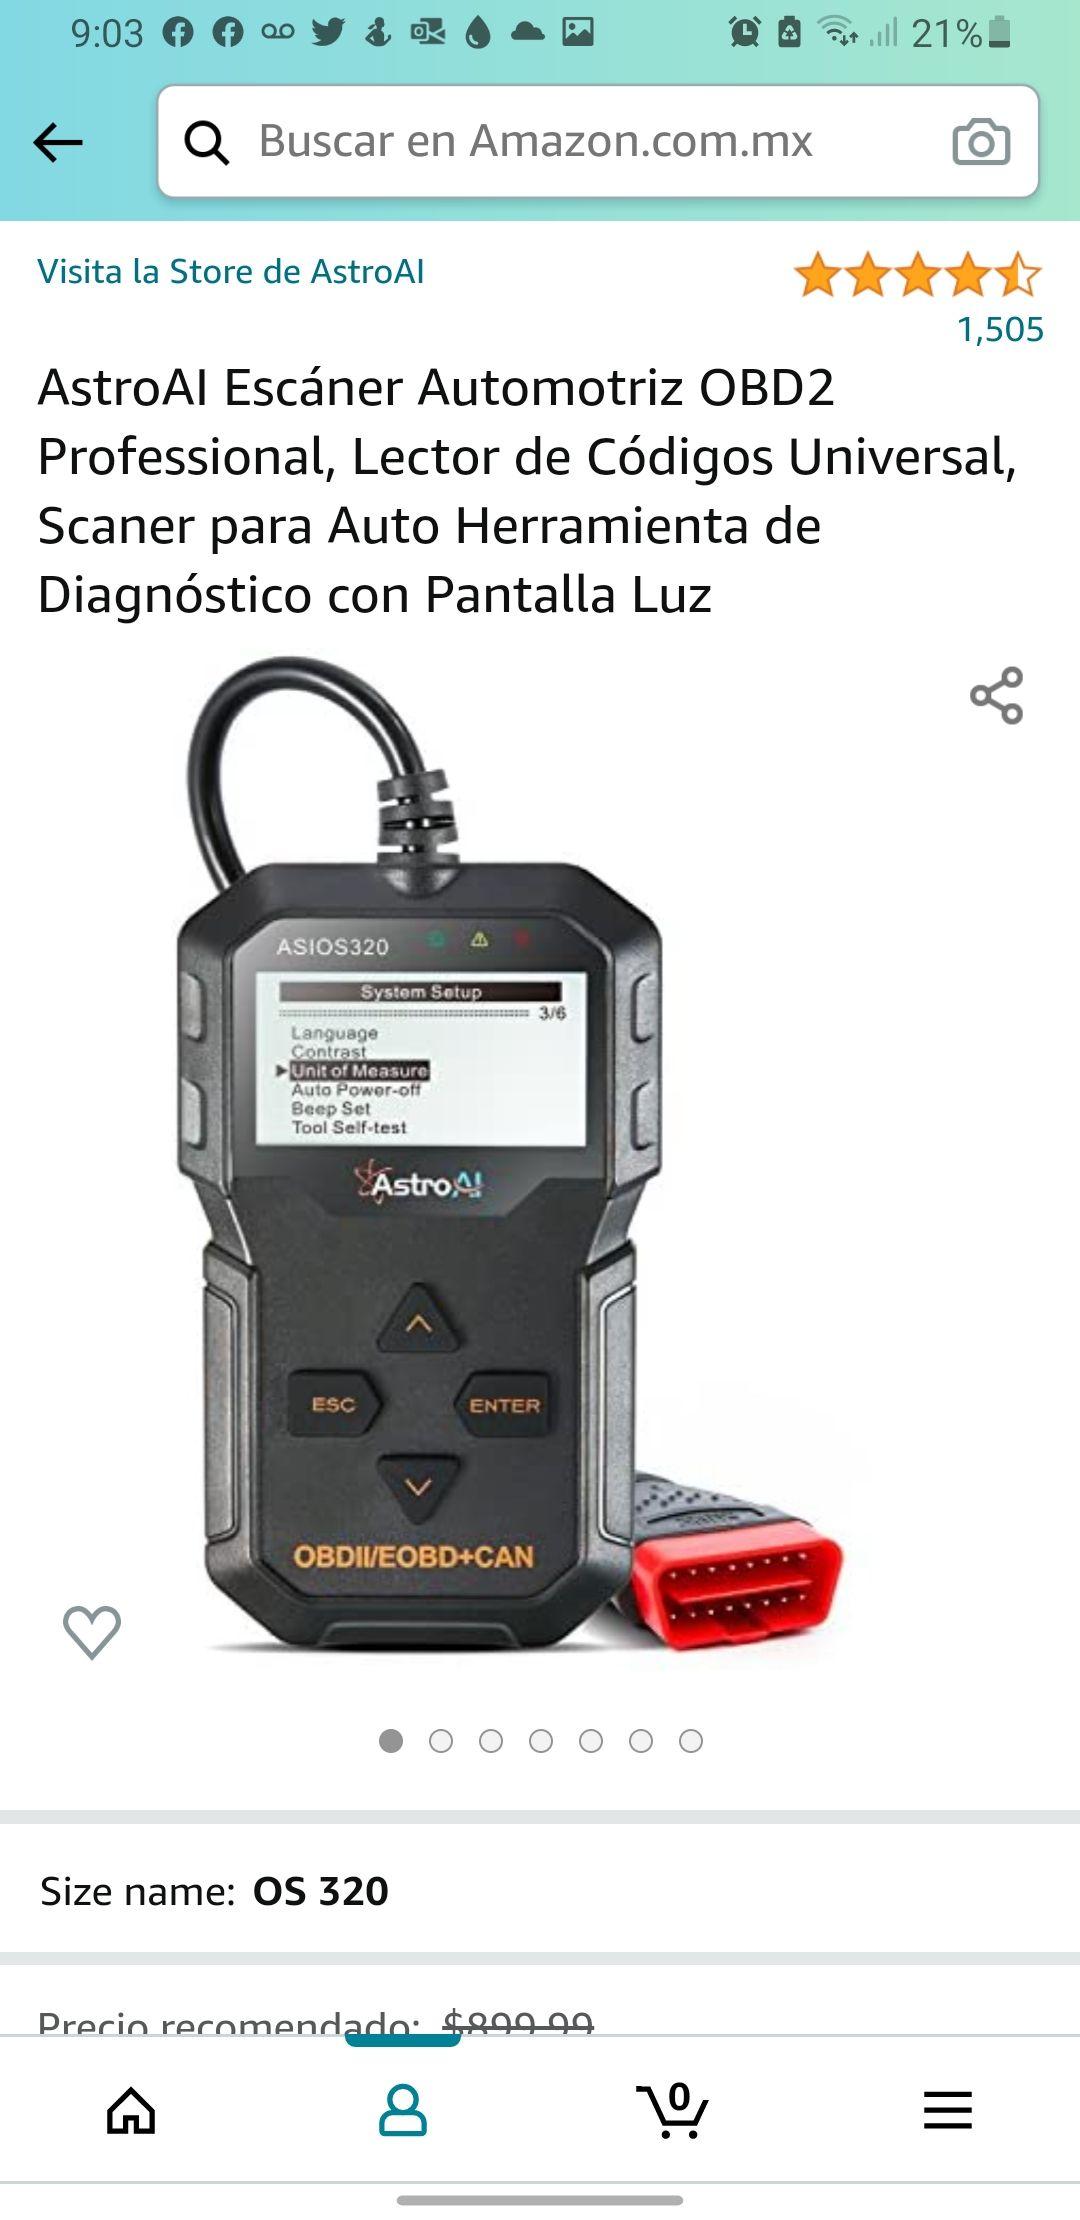 Amazon AstroAI Escáner Automotriz OBD2 Professional, Lector de Códigos Universal, Scaner para Auto Herramienta de Diagnóstico